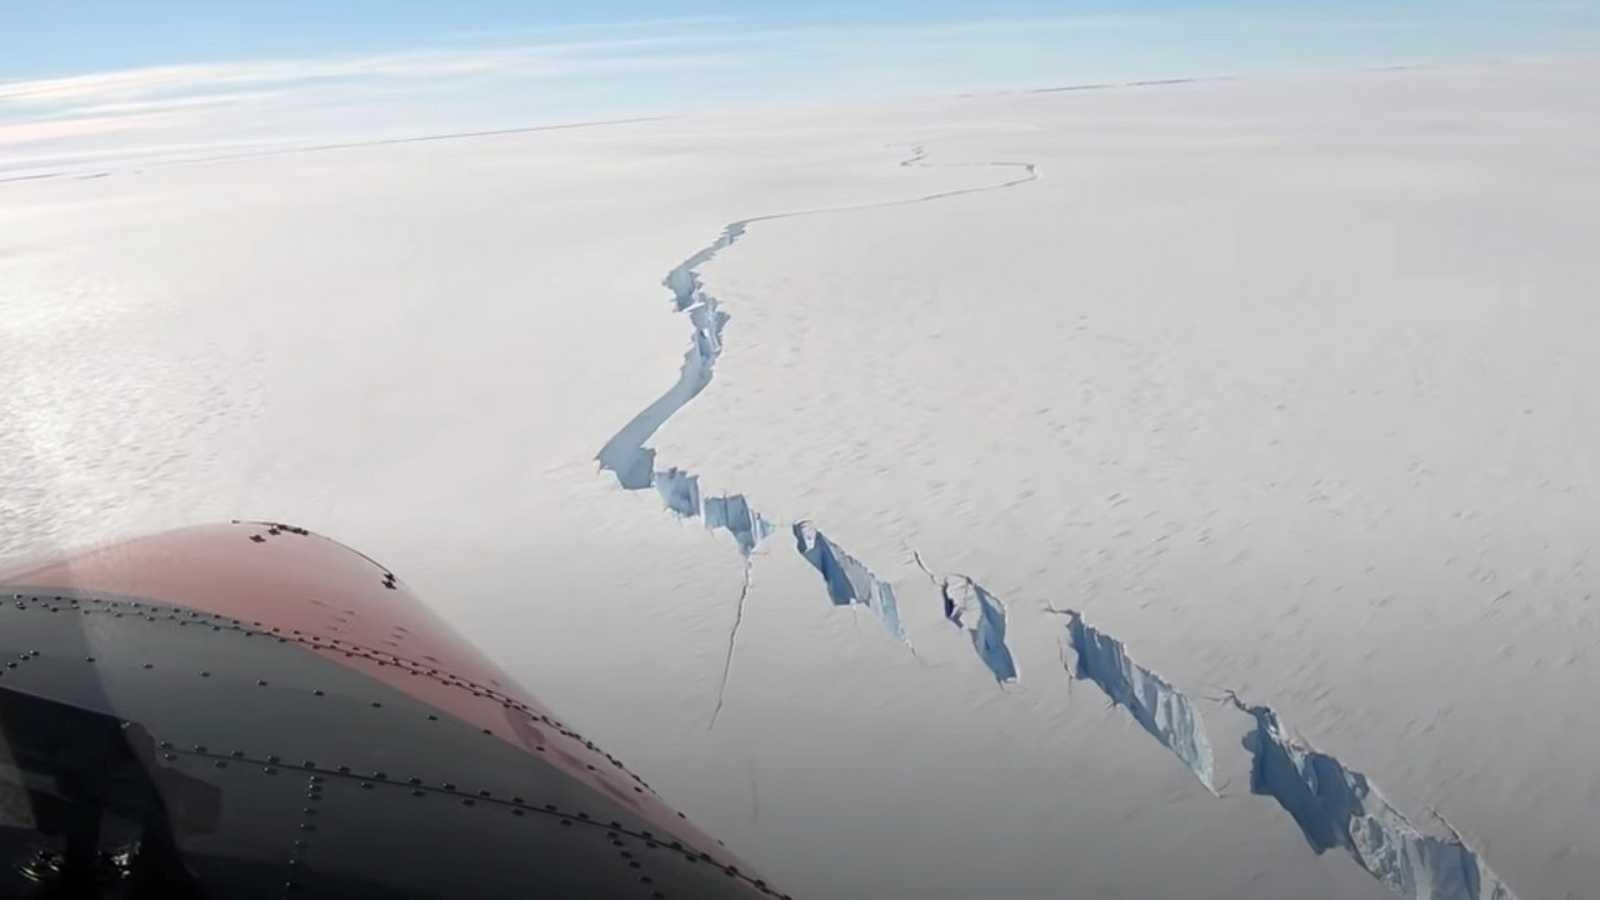 Un iceberg gigante se desprende de la plataforma de hielo que bordea la Antártida